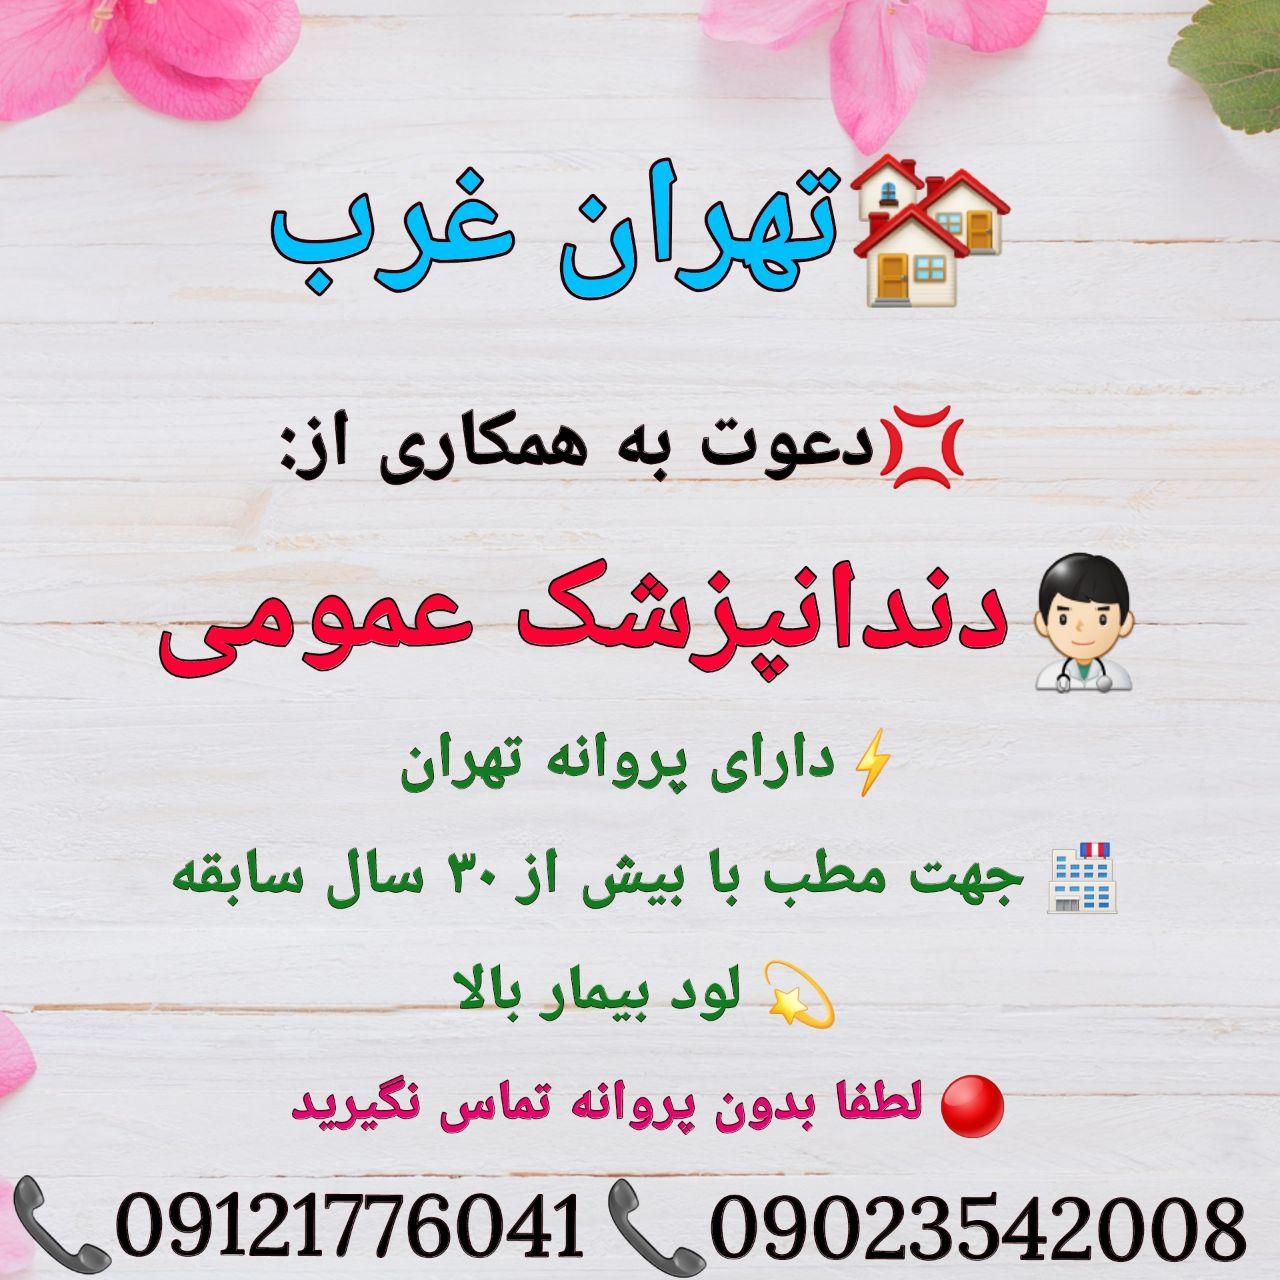 تهران غرب: نیاز به دندانپزشک عمومی